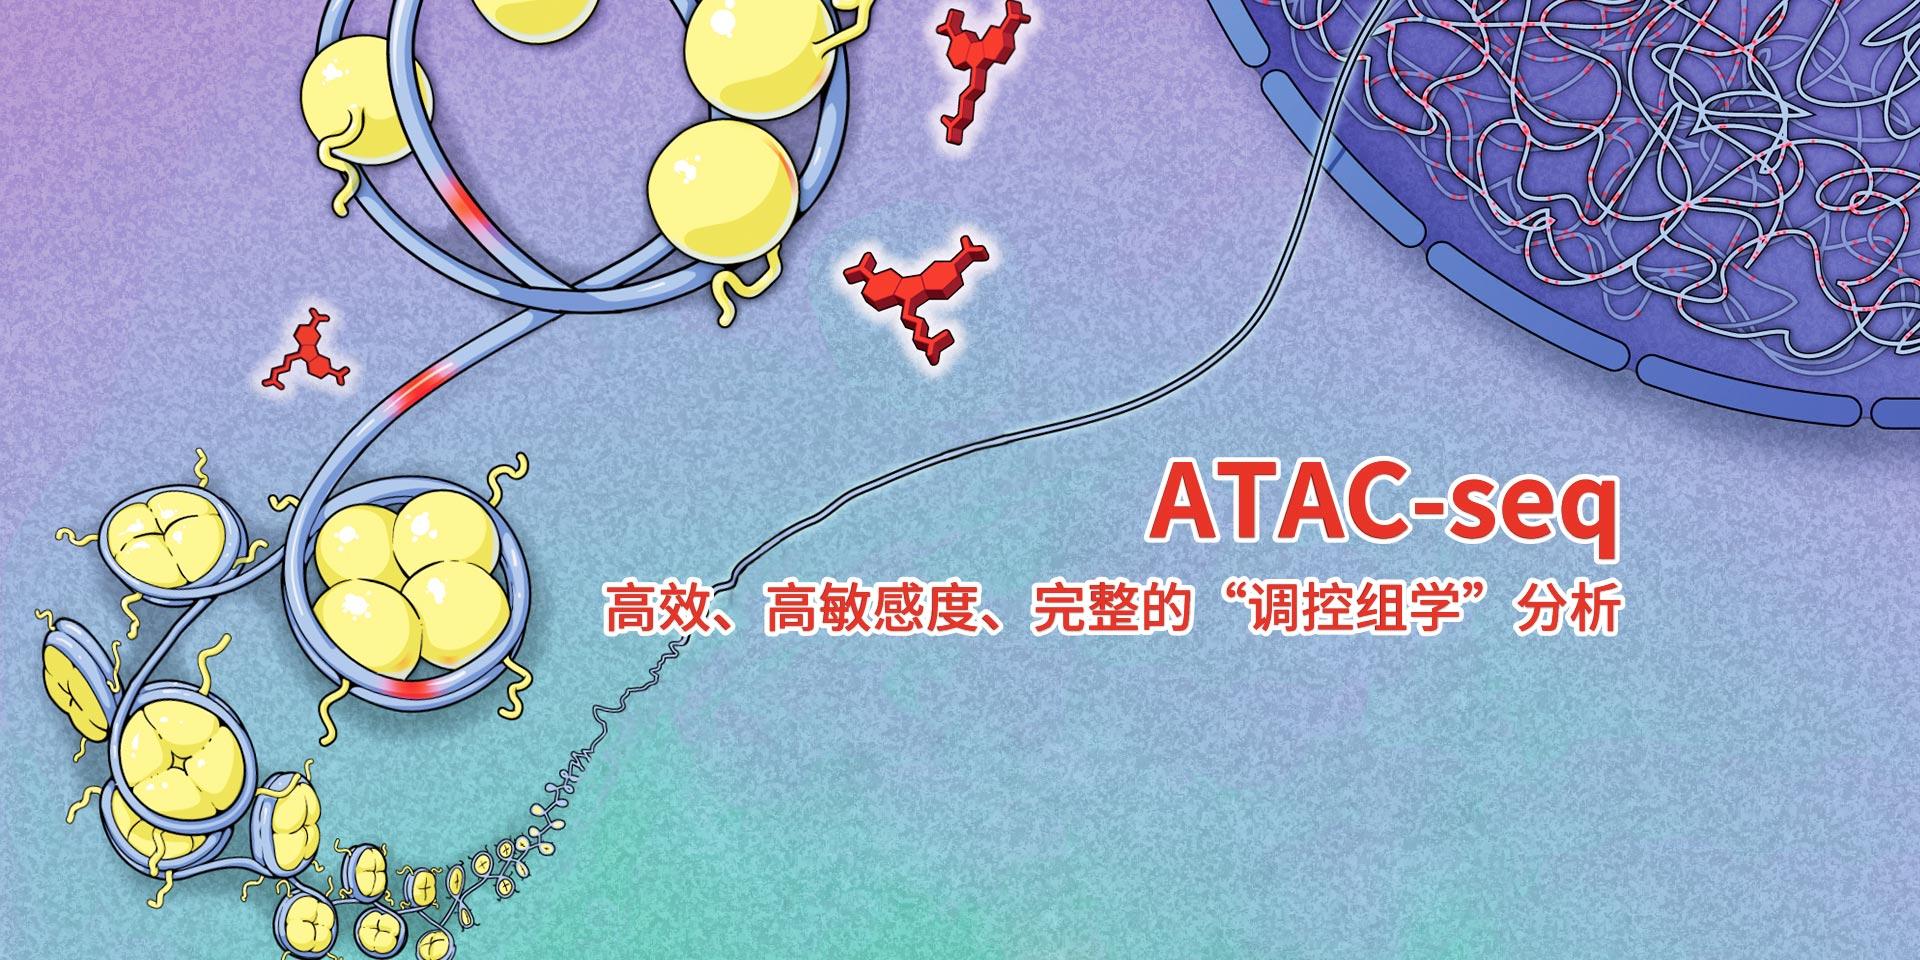 广州表观生物科技有限公司-69-8轮播图